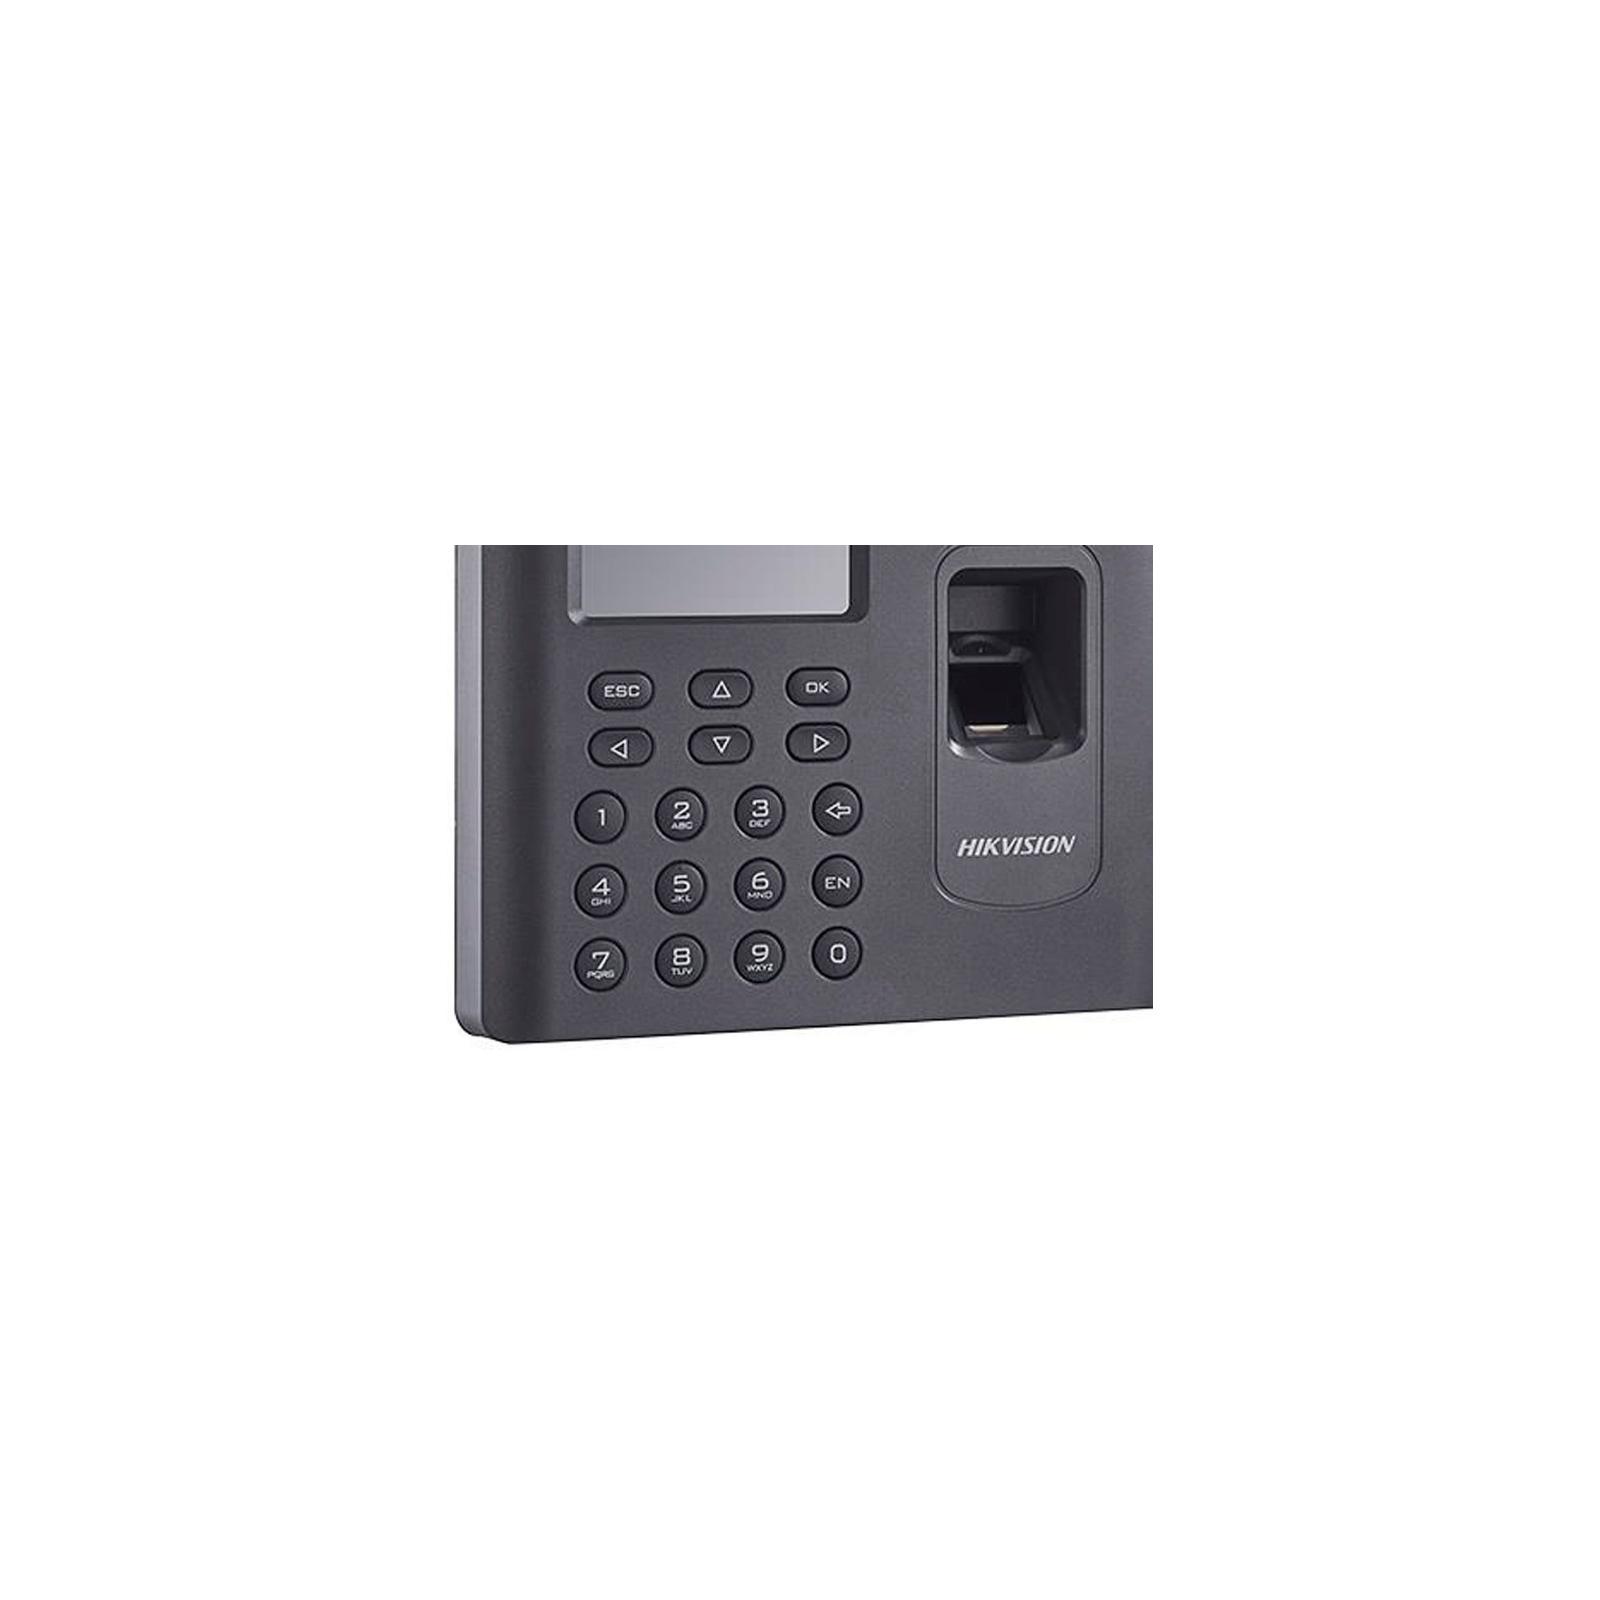 Контроллер доступа Hikvision DS-K1A802MF изображение 4